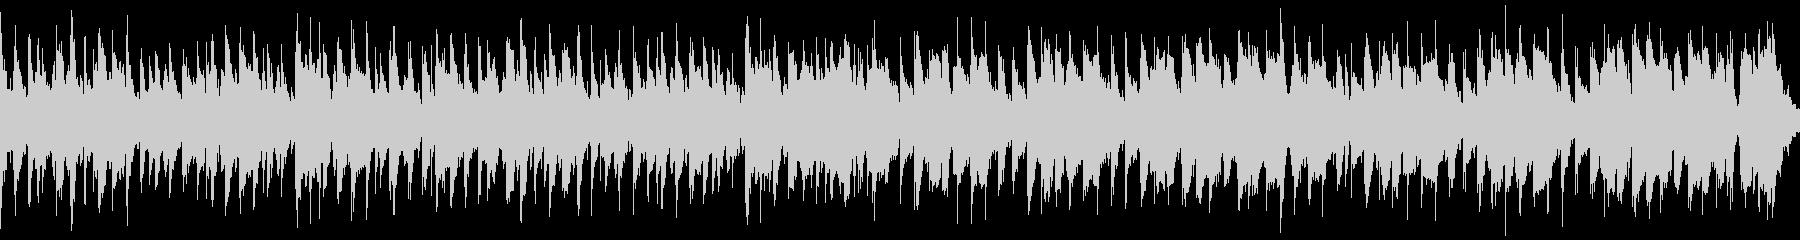 CM用13/ループ、陽気なキッズ向けの未再生の波形